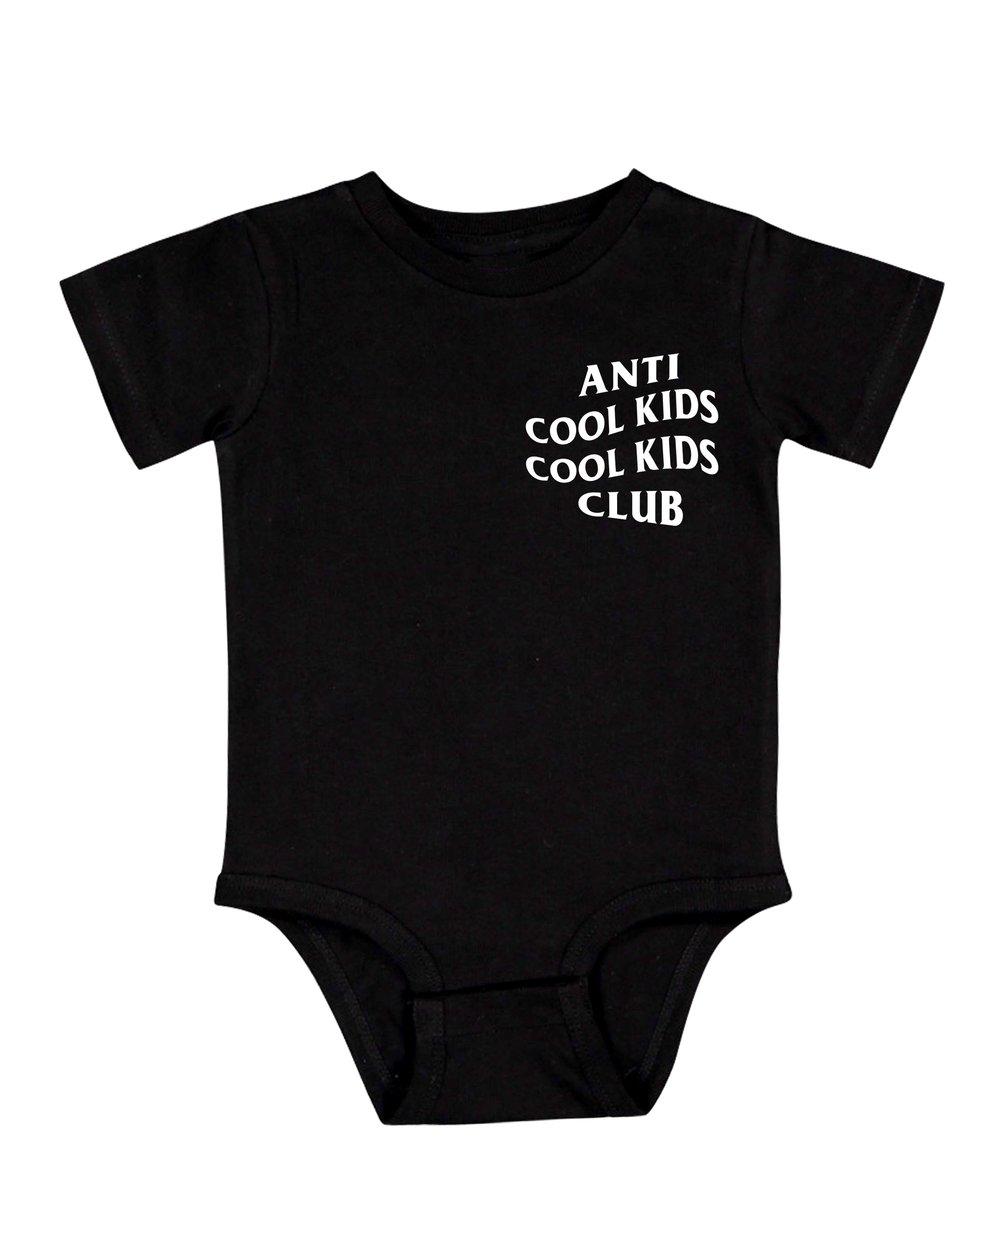 ANTI COOL KIDS ONESIE